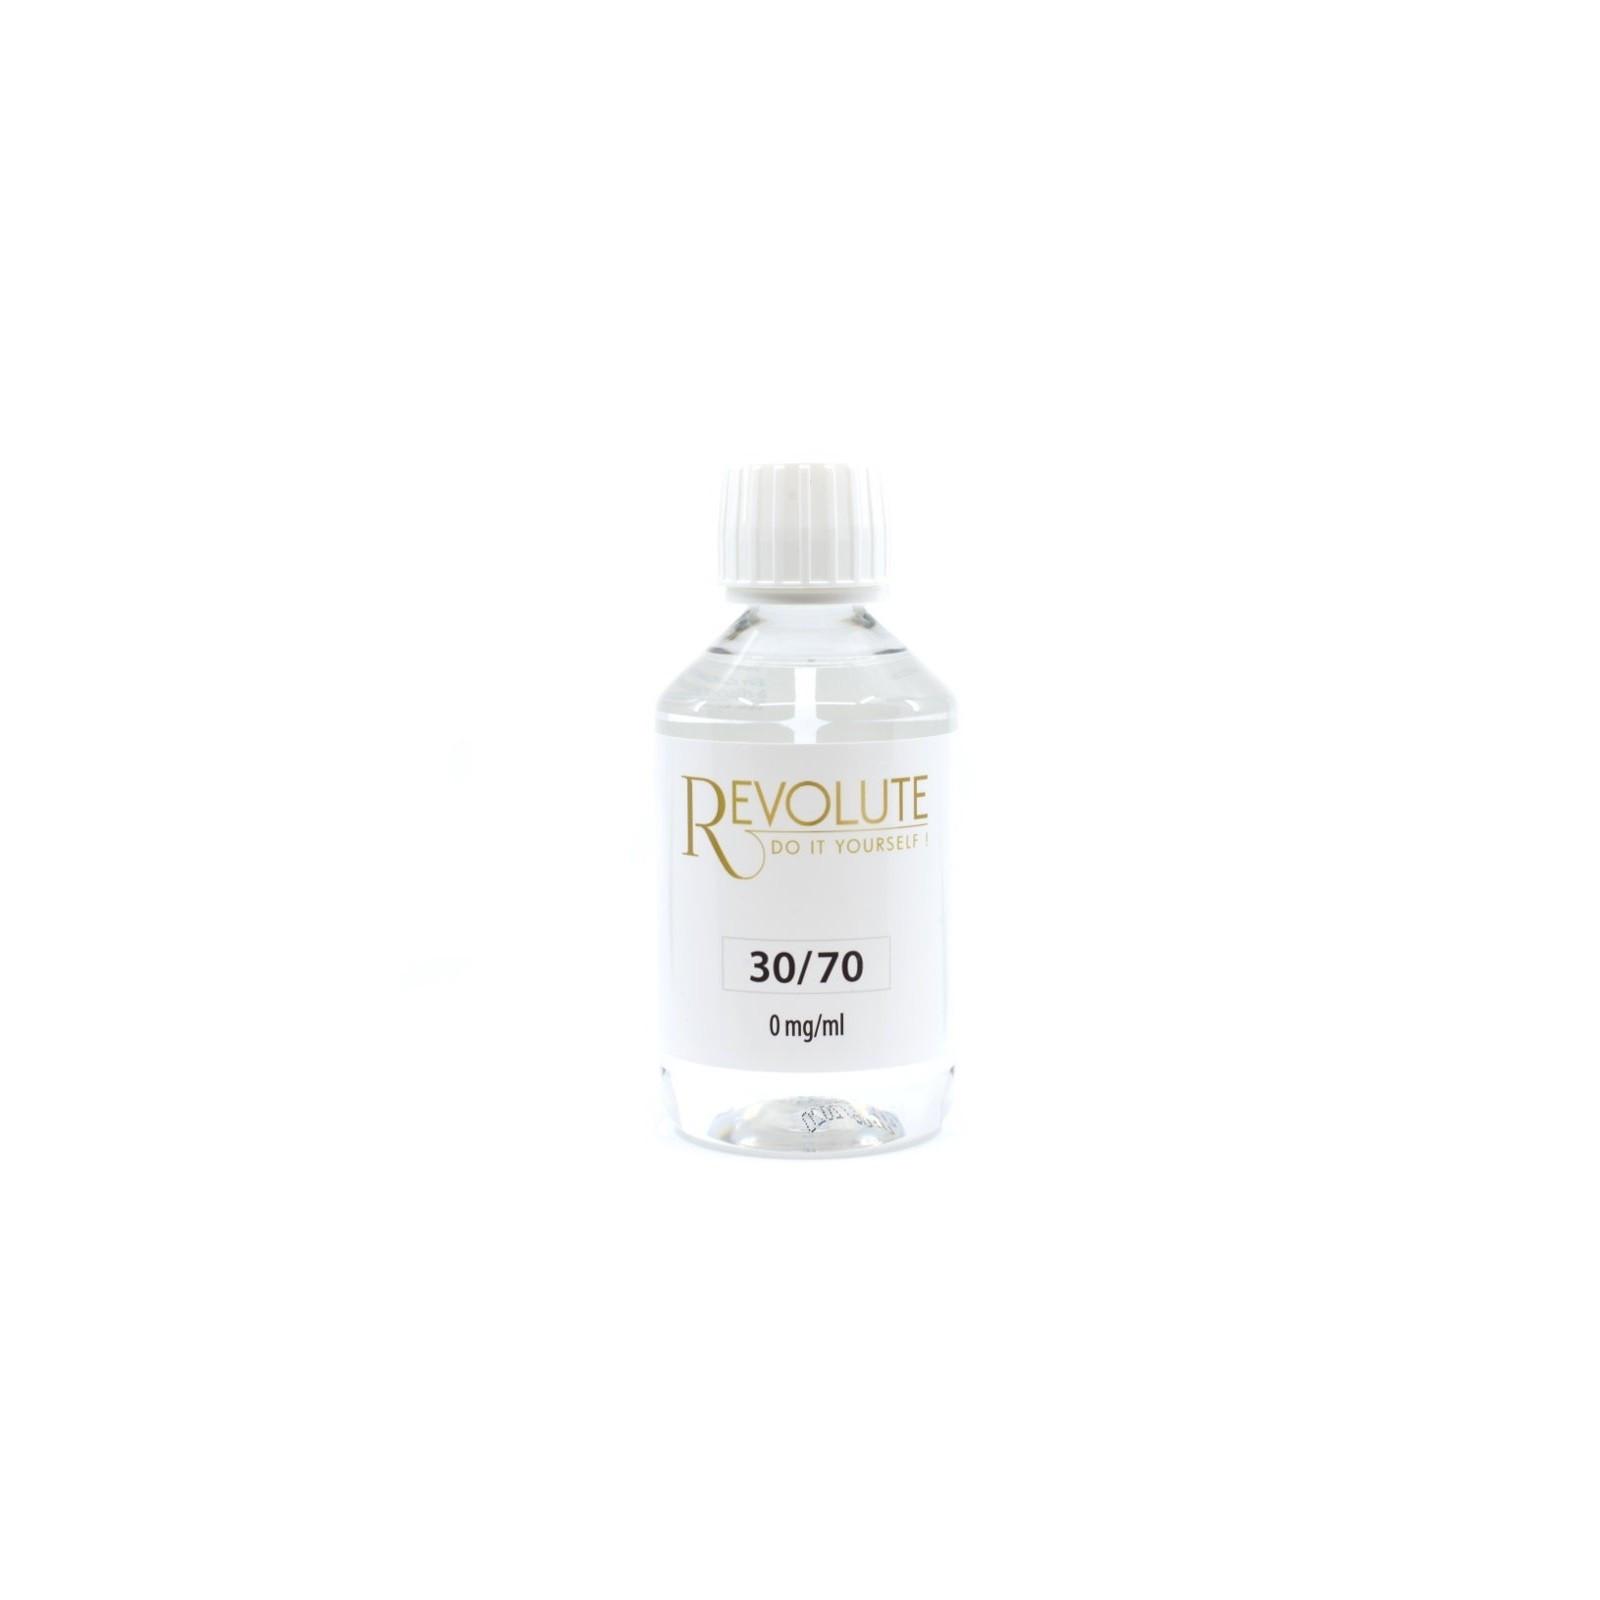 Base 30/70 275 ml Revolute - Revolute